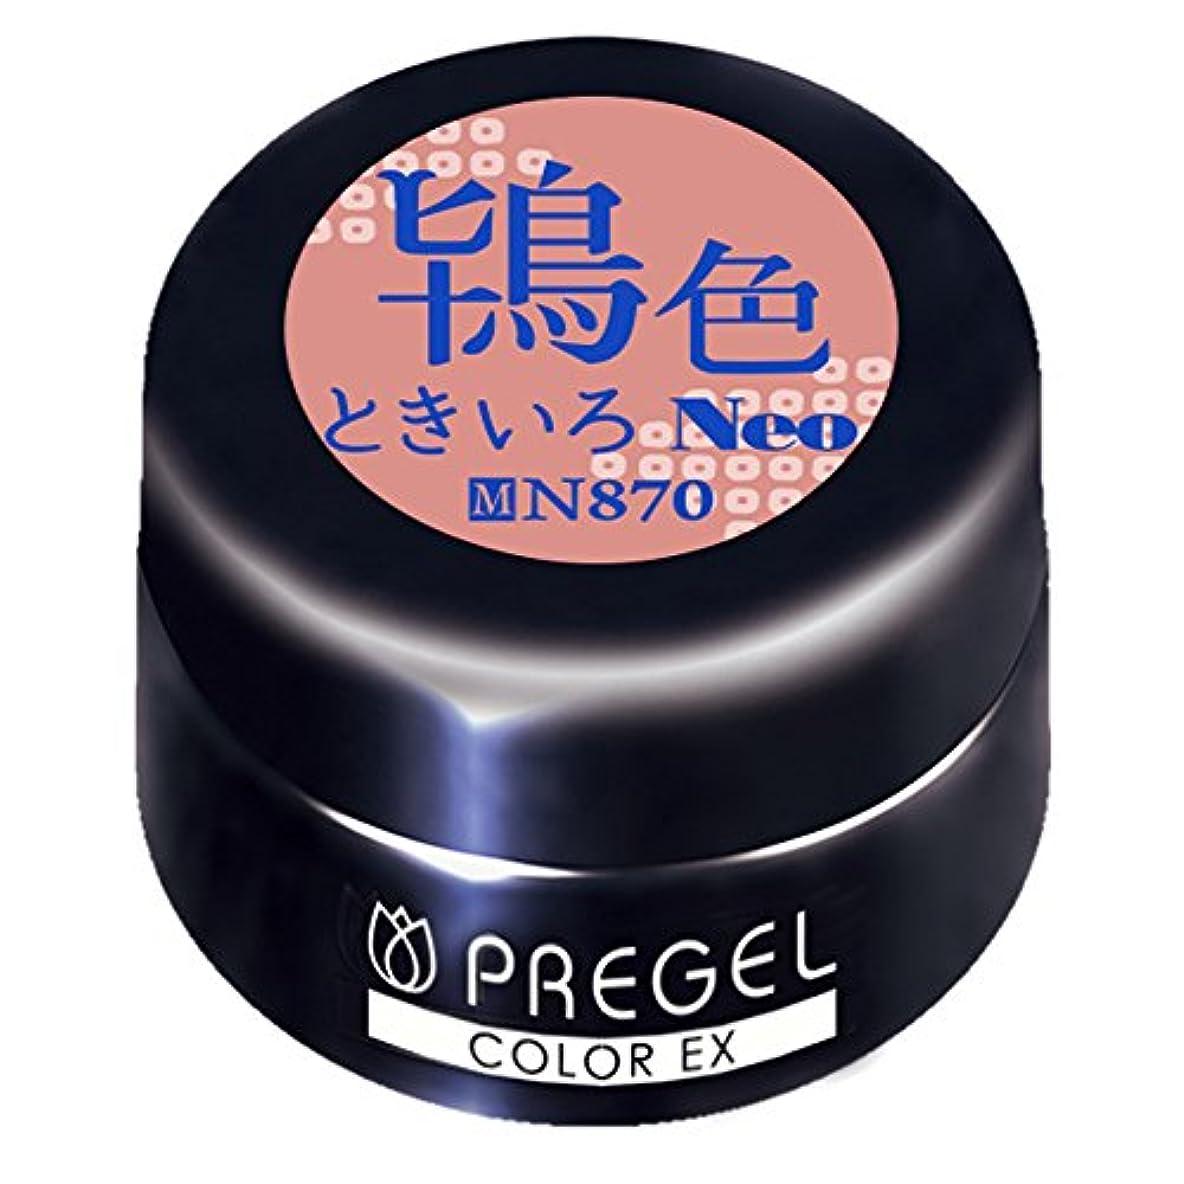 評議会紳士蒸気PRE GELカラーEX 鴇色(ときいろ)neo 3g PG-CEN870